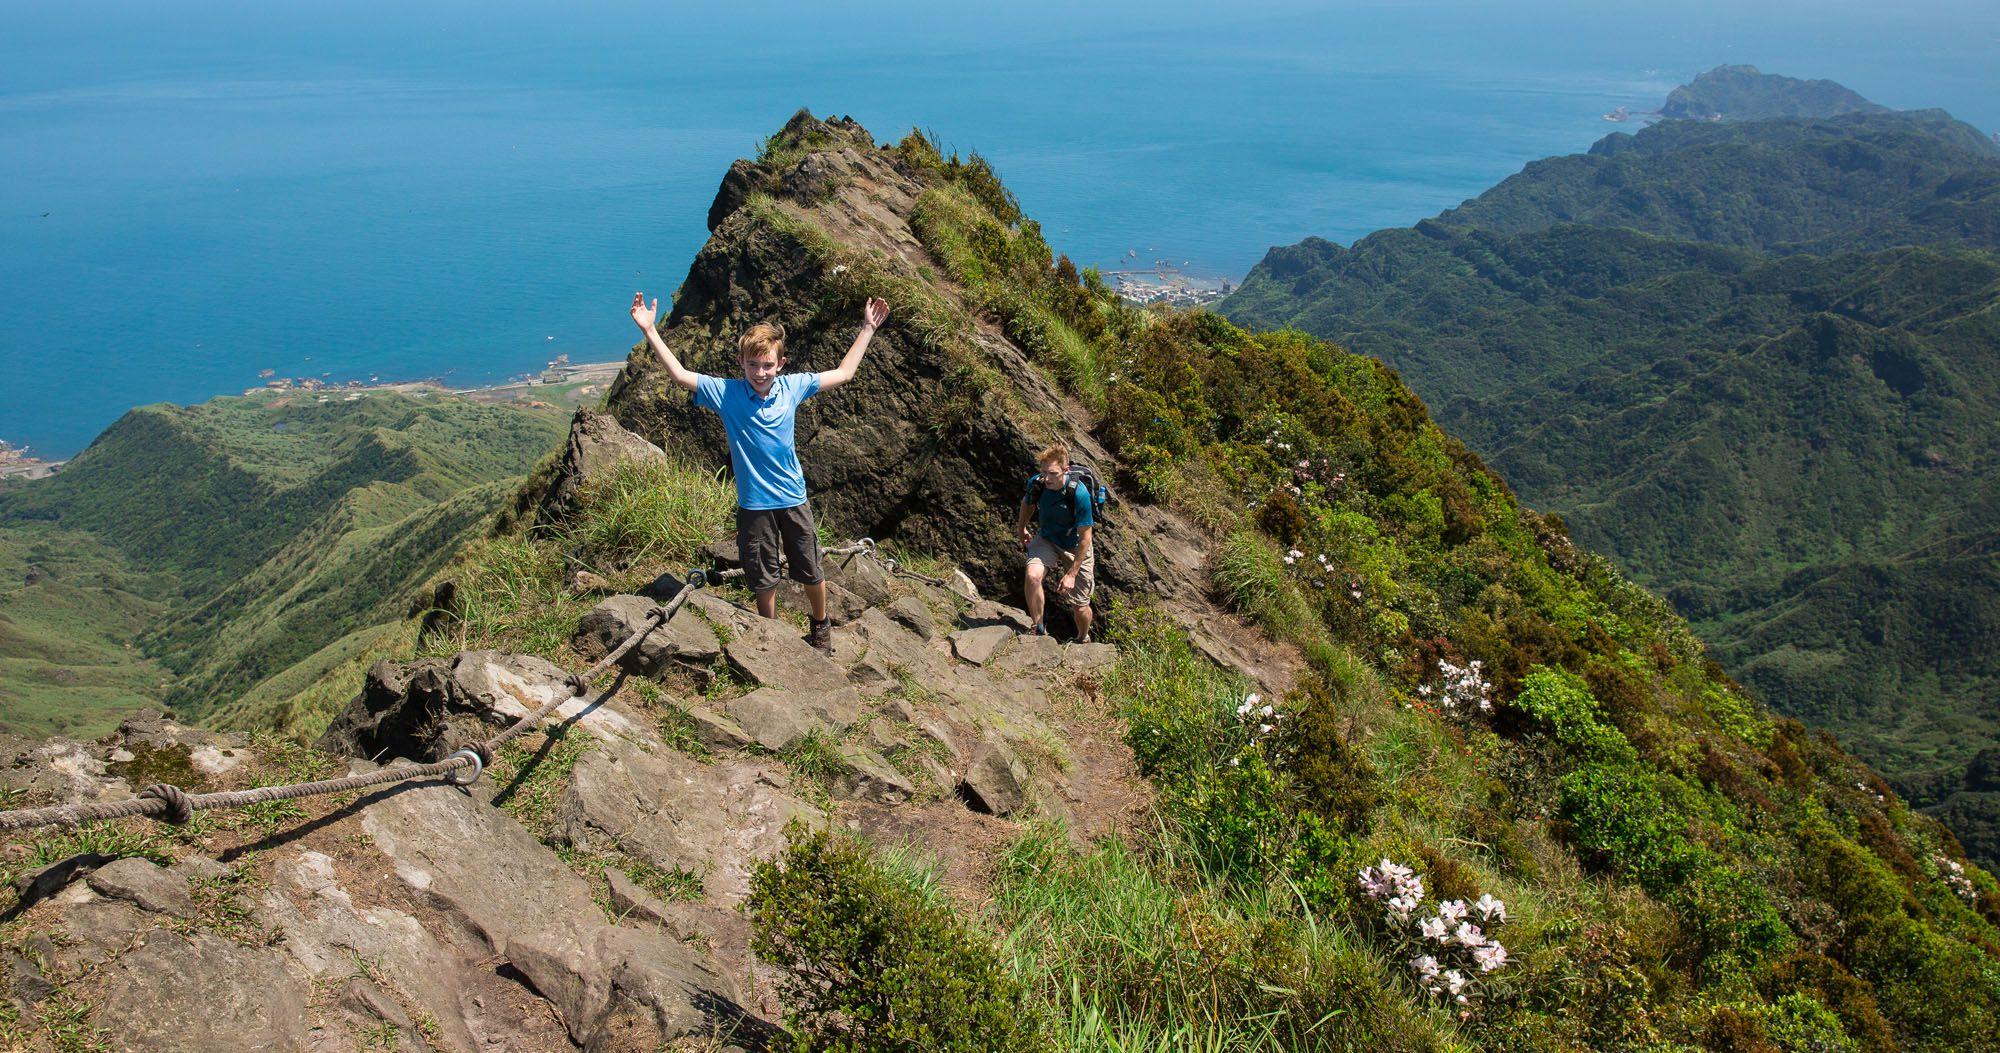 Teapot Mountain Hike